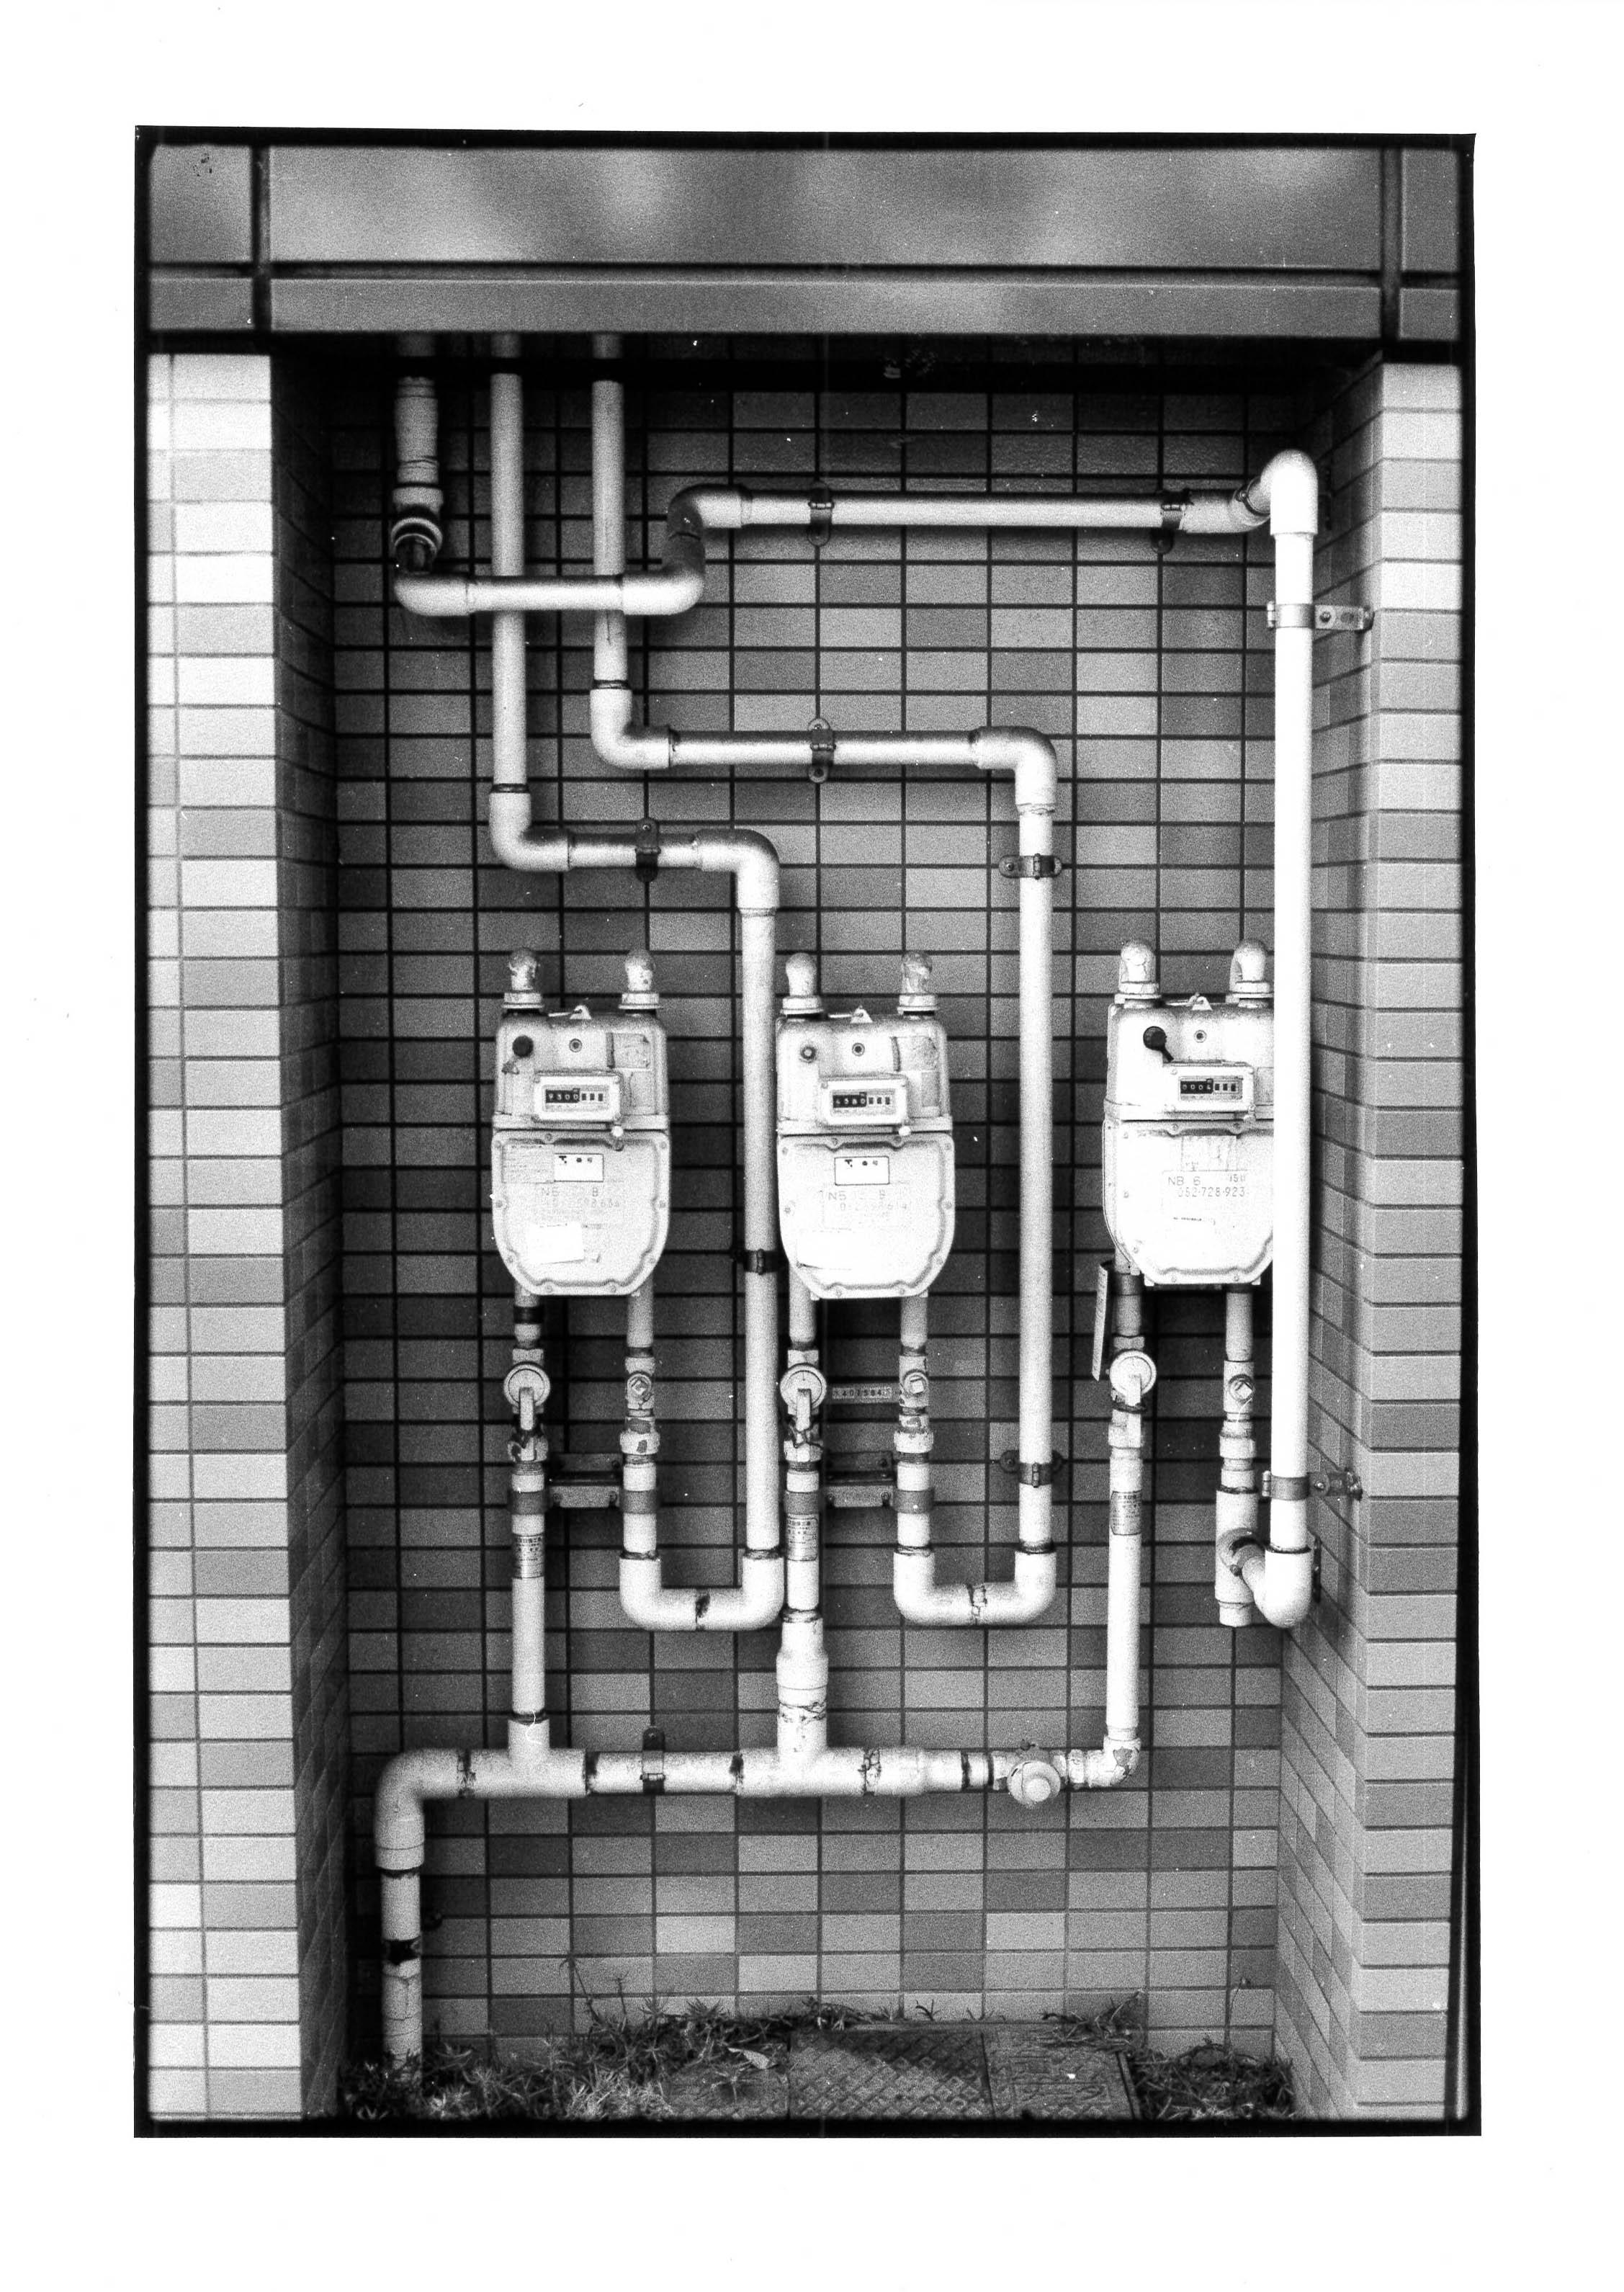 Compteurs, Tokyo 2010 24x36 cm